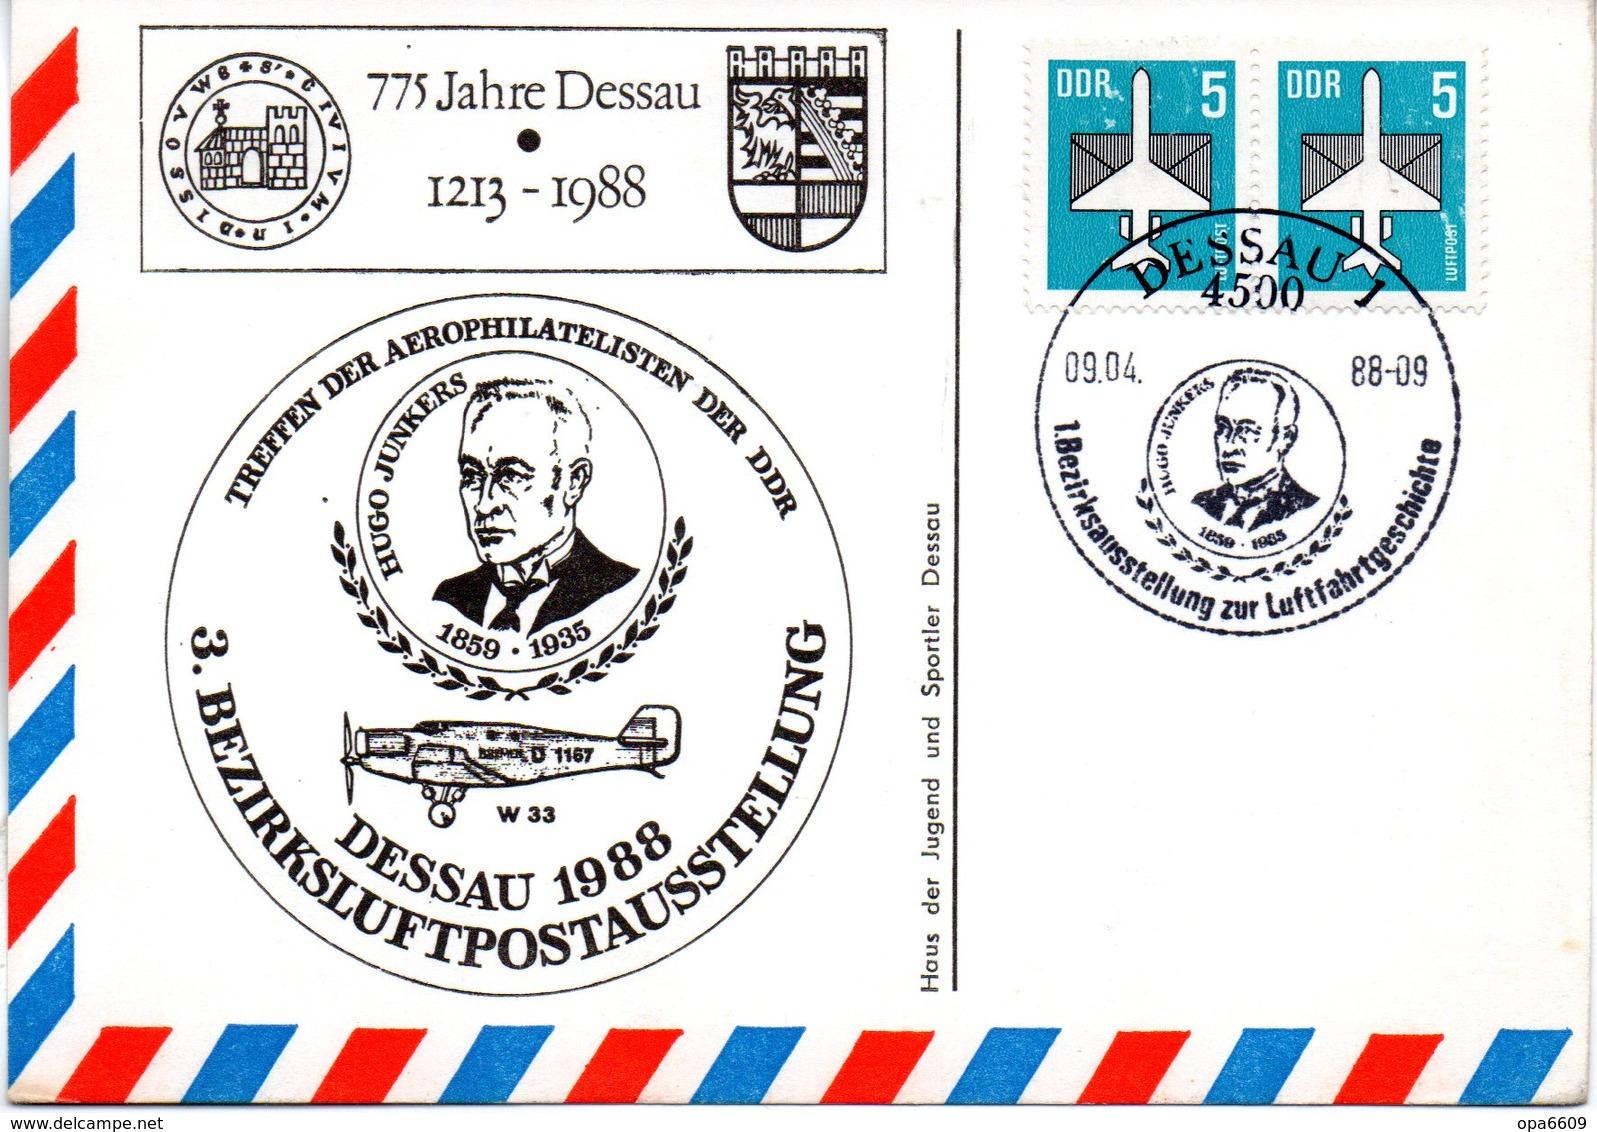 """(DDR-B3) DDR Sonderkarte """"Treffen Der Aerophilatelisten Der DDR DESSAU 1988"""", MeF 2x Mi 2831, SSt. 9.4.1988 DESSAU 1 - DDR"""